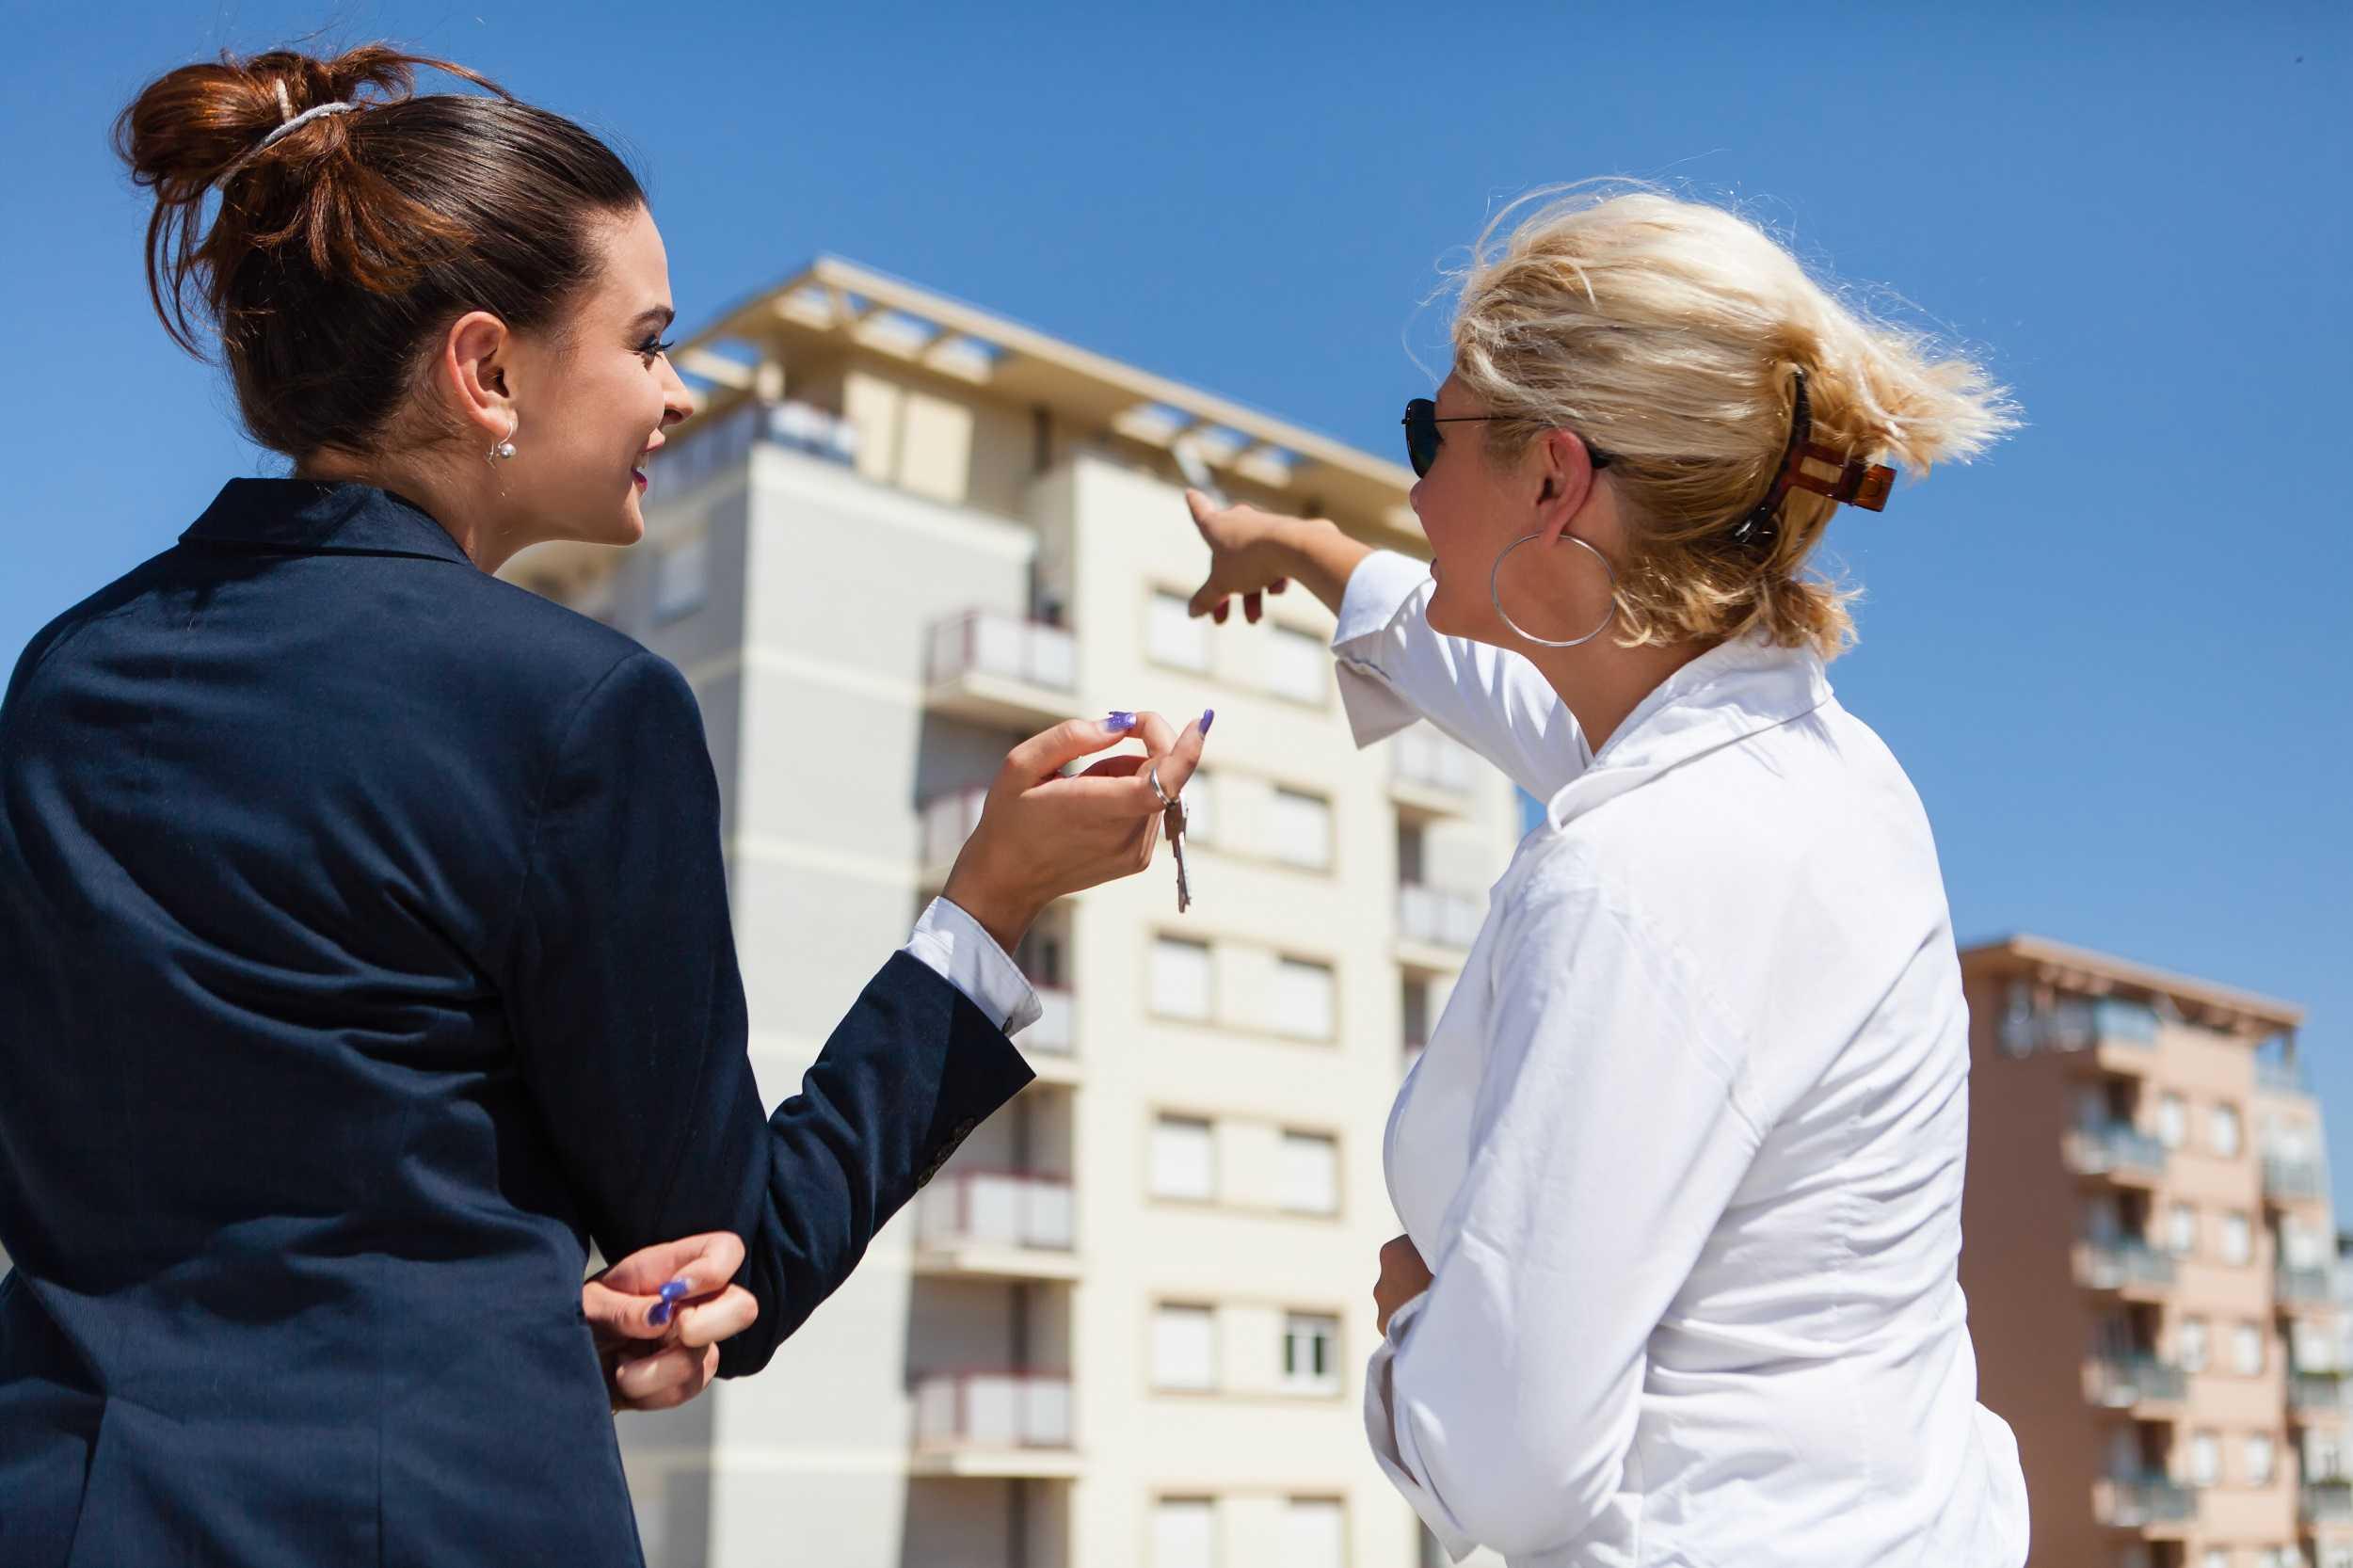 Как выбрать квартиру – 11 советов экспертов для 2020 года